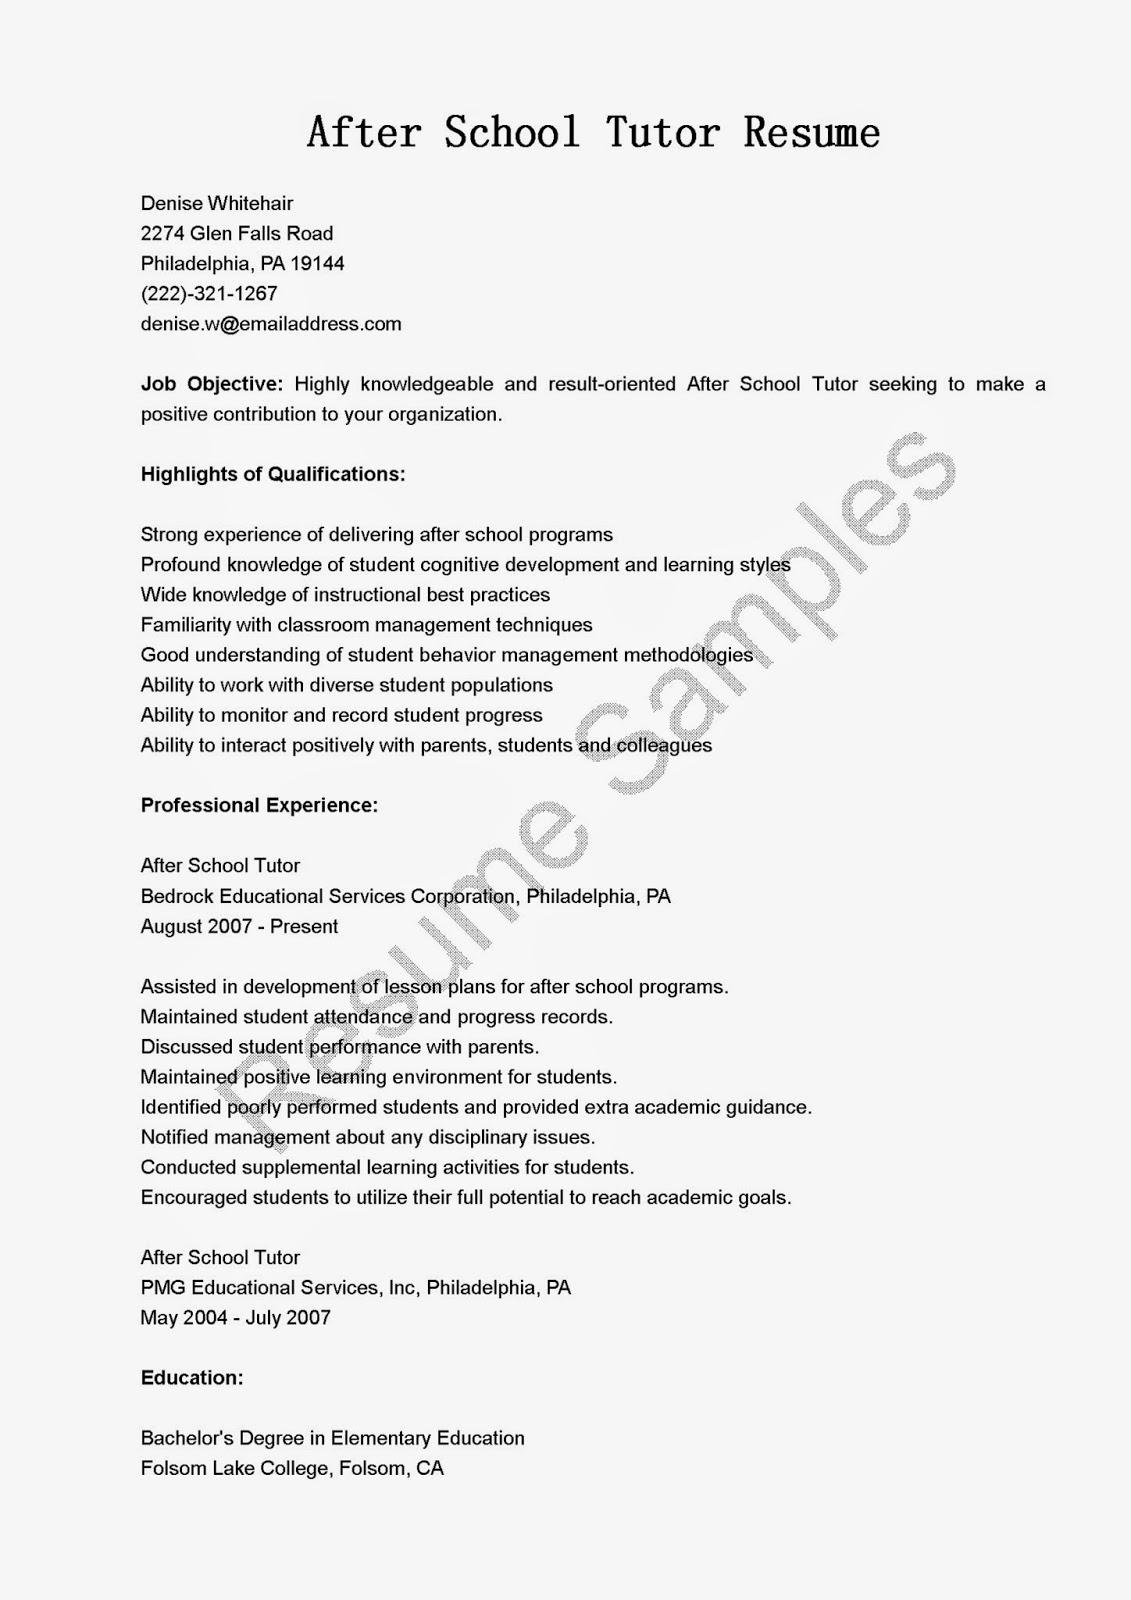 Private Tutor Resume Samples